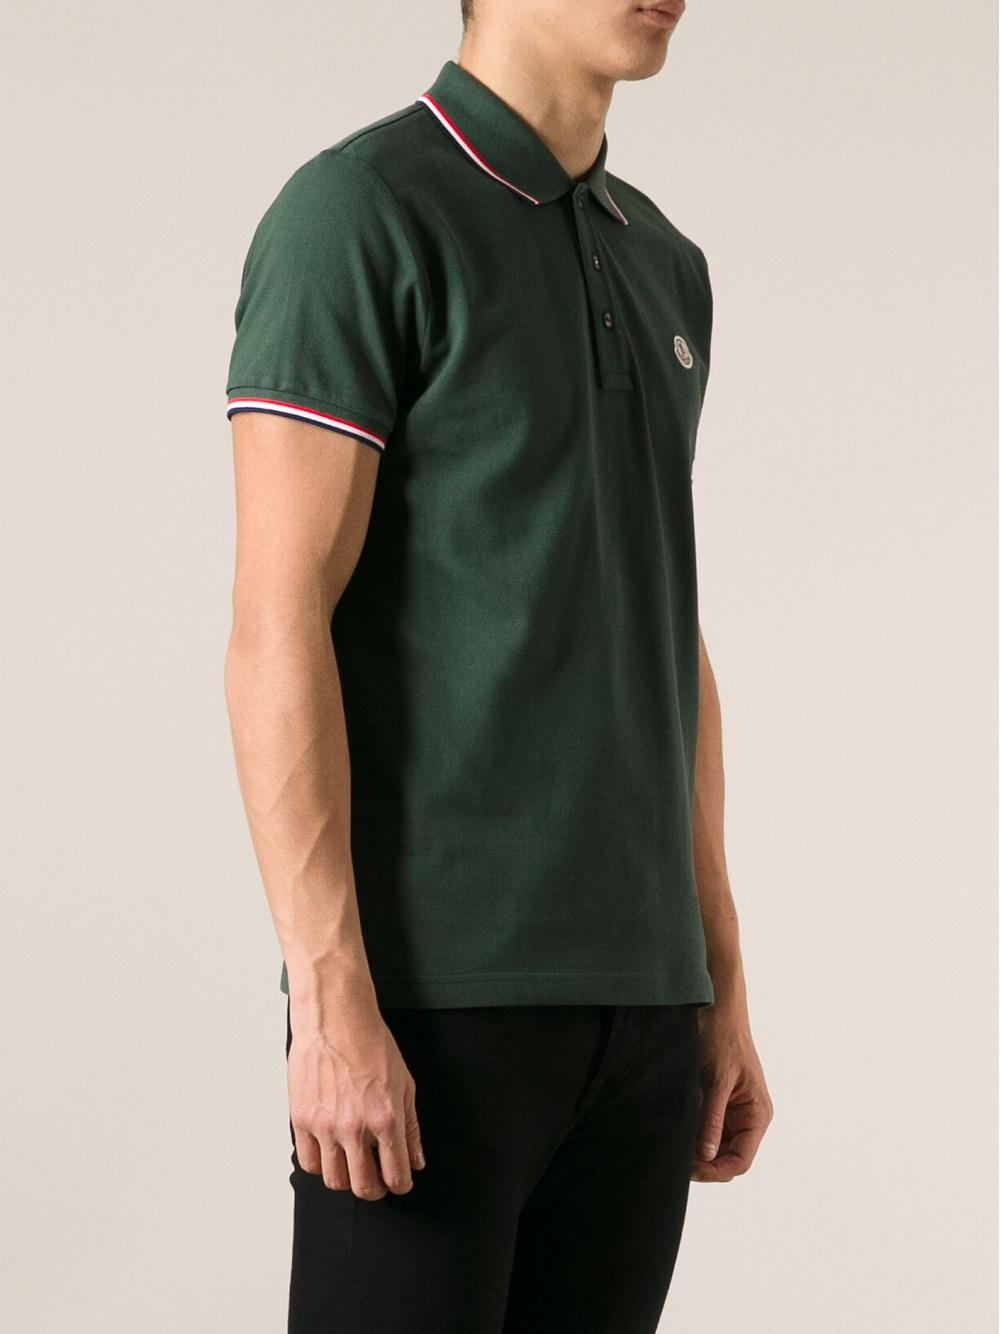 moncler dark green polo